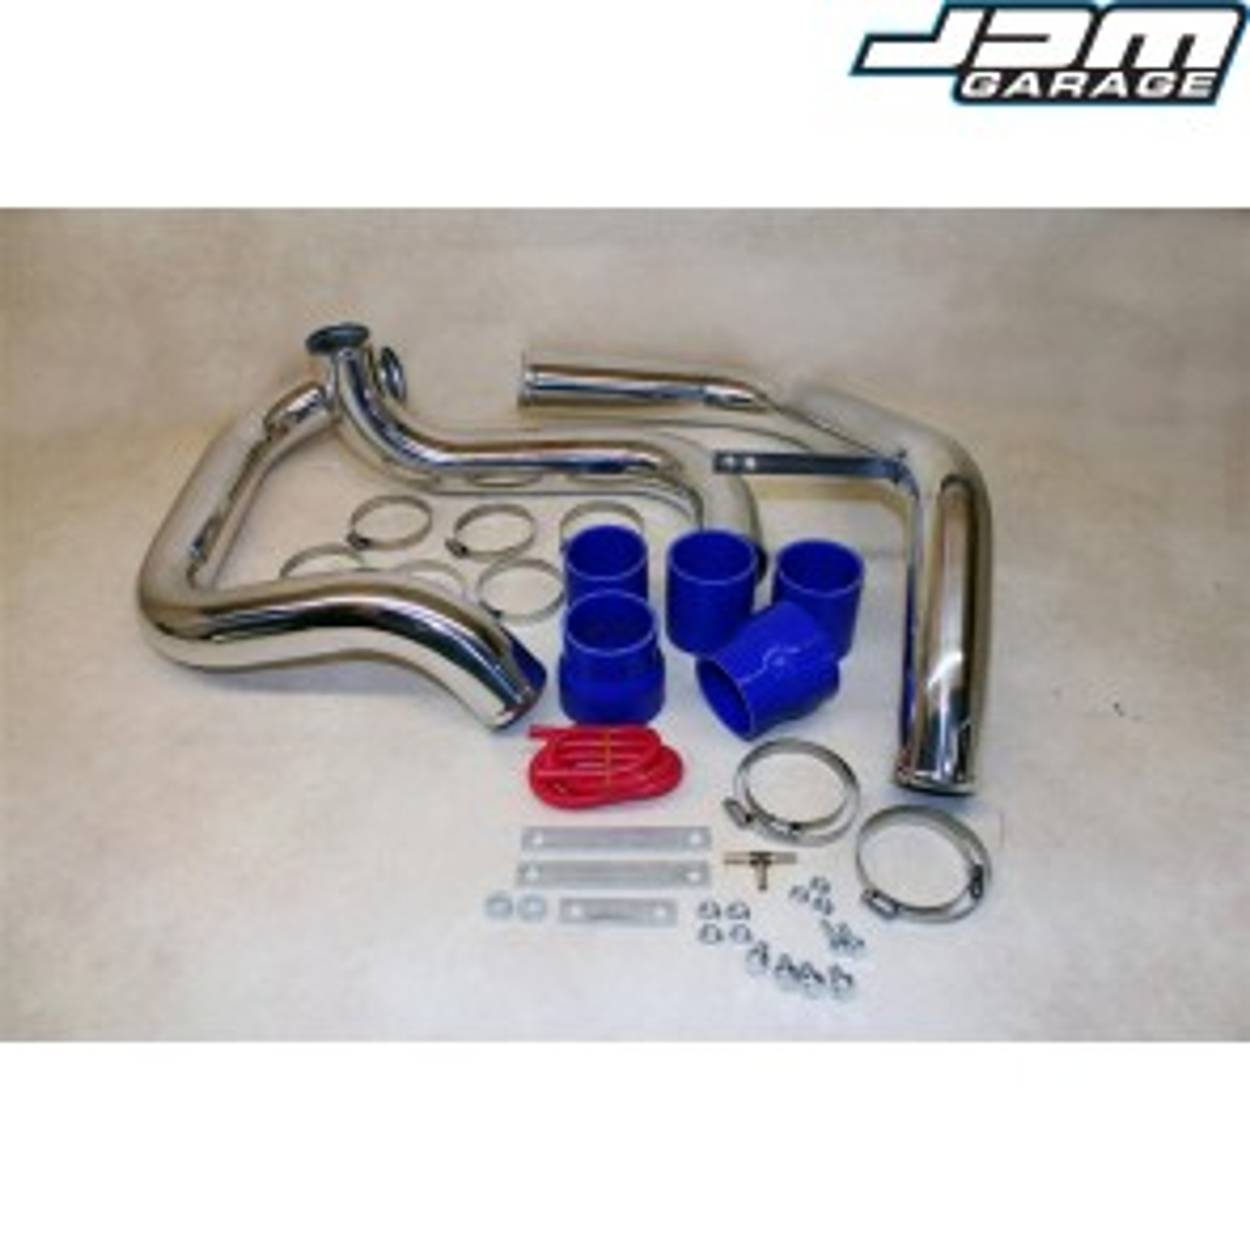 JDM Garage Intercooler Piping Kit